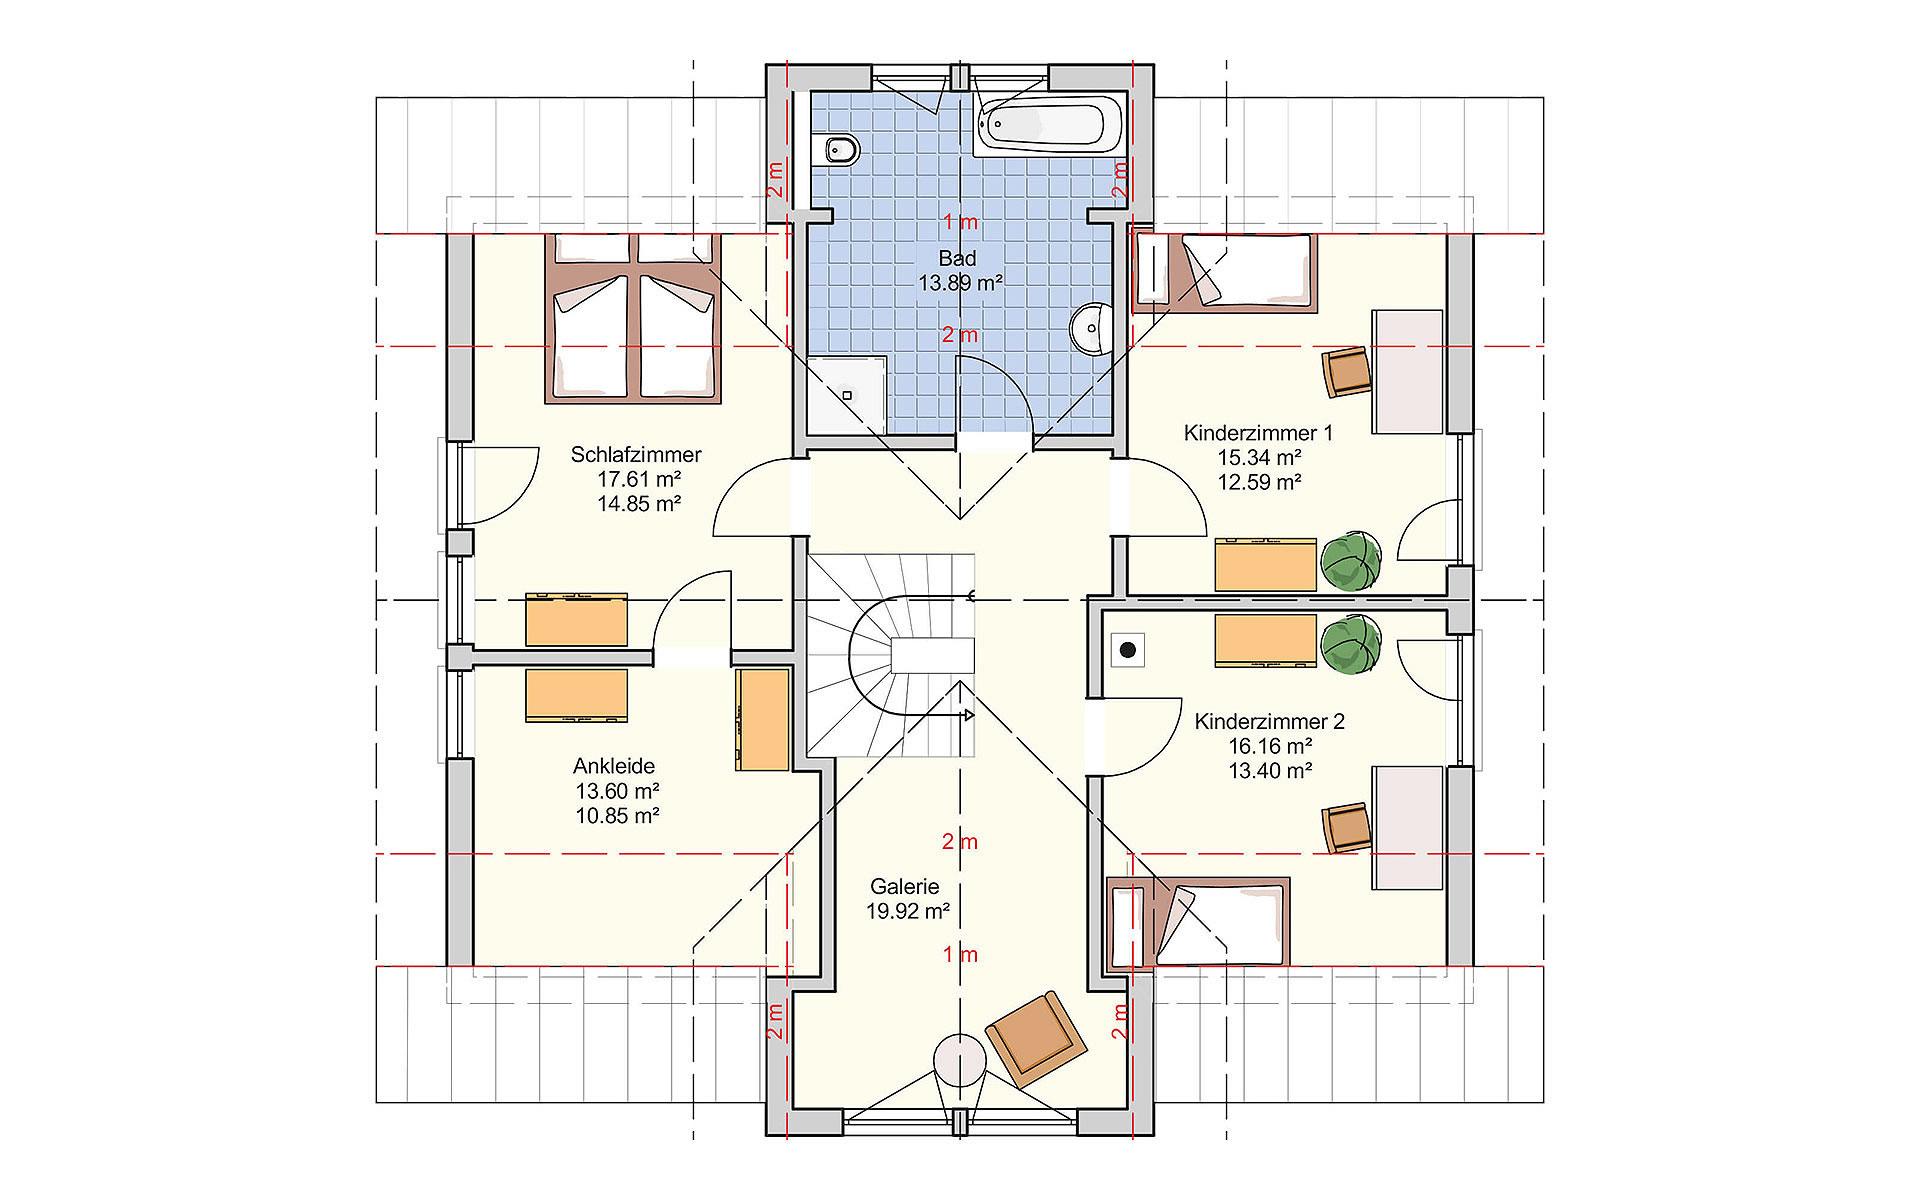 Dachgeschoss Bad Vilbel (3-Giebelhaus) von Fingerhut Haus GmbH & Co. KG